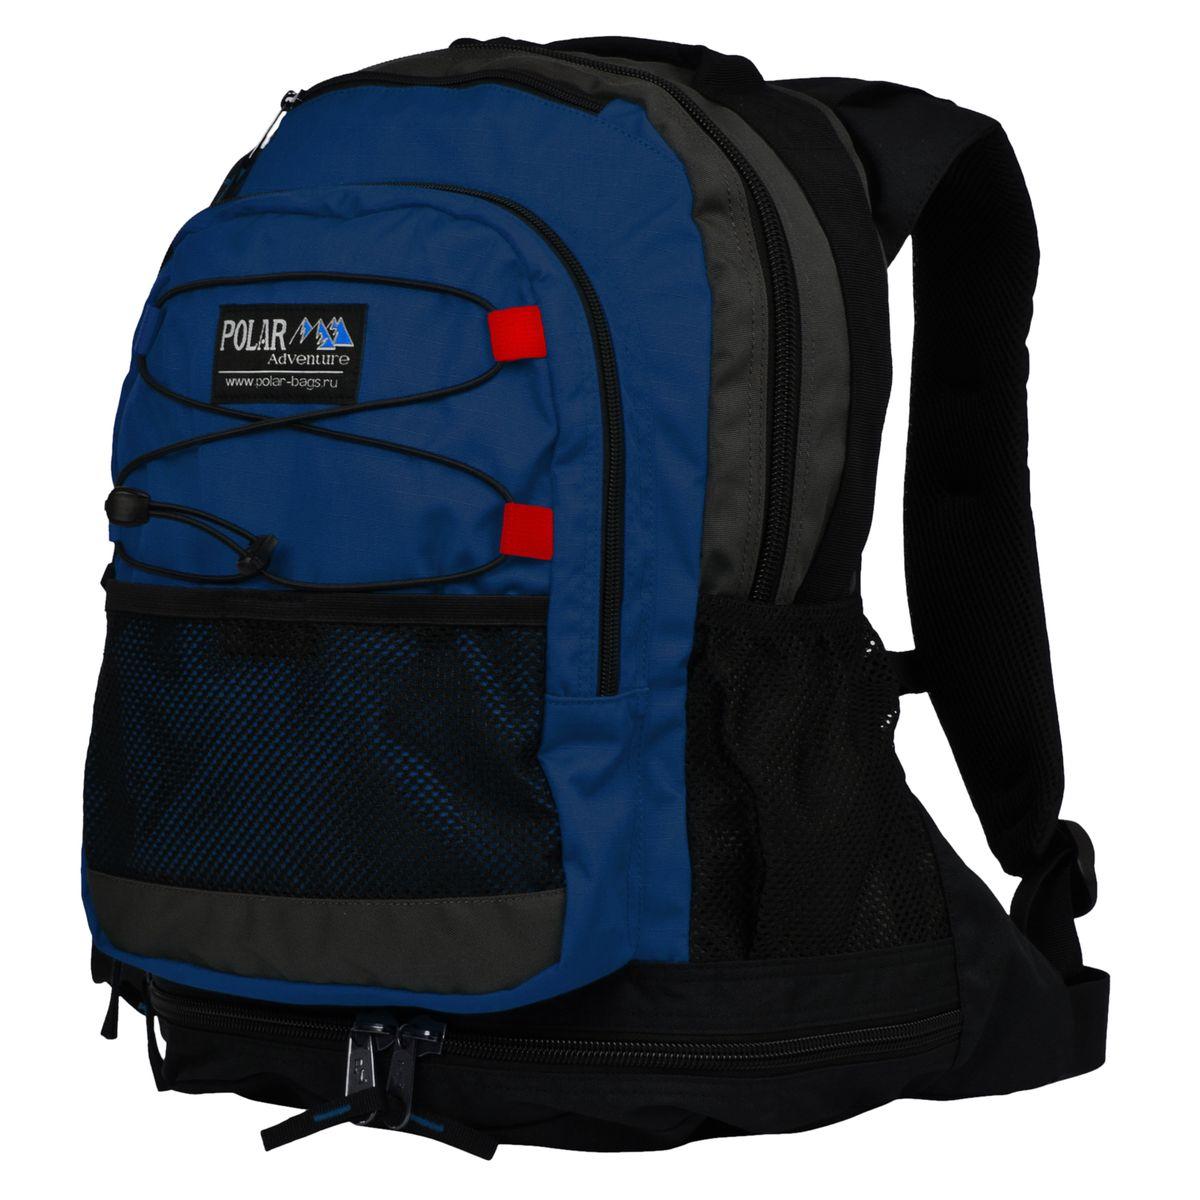 Рюкзак городской Polar, 25 л, цвет: синий. П178-04 рюкзак городской polar цвет синий 16 л п7074 04 page 3